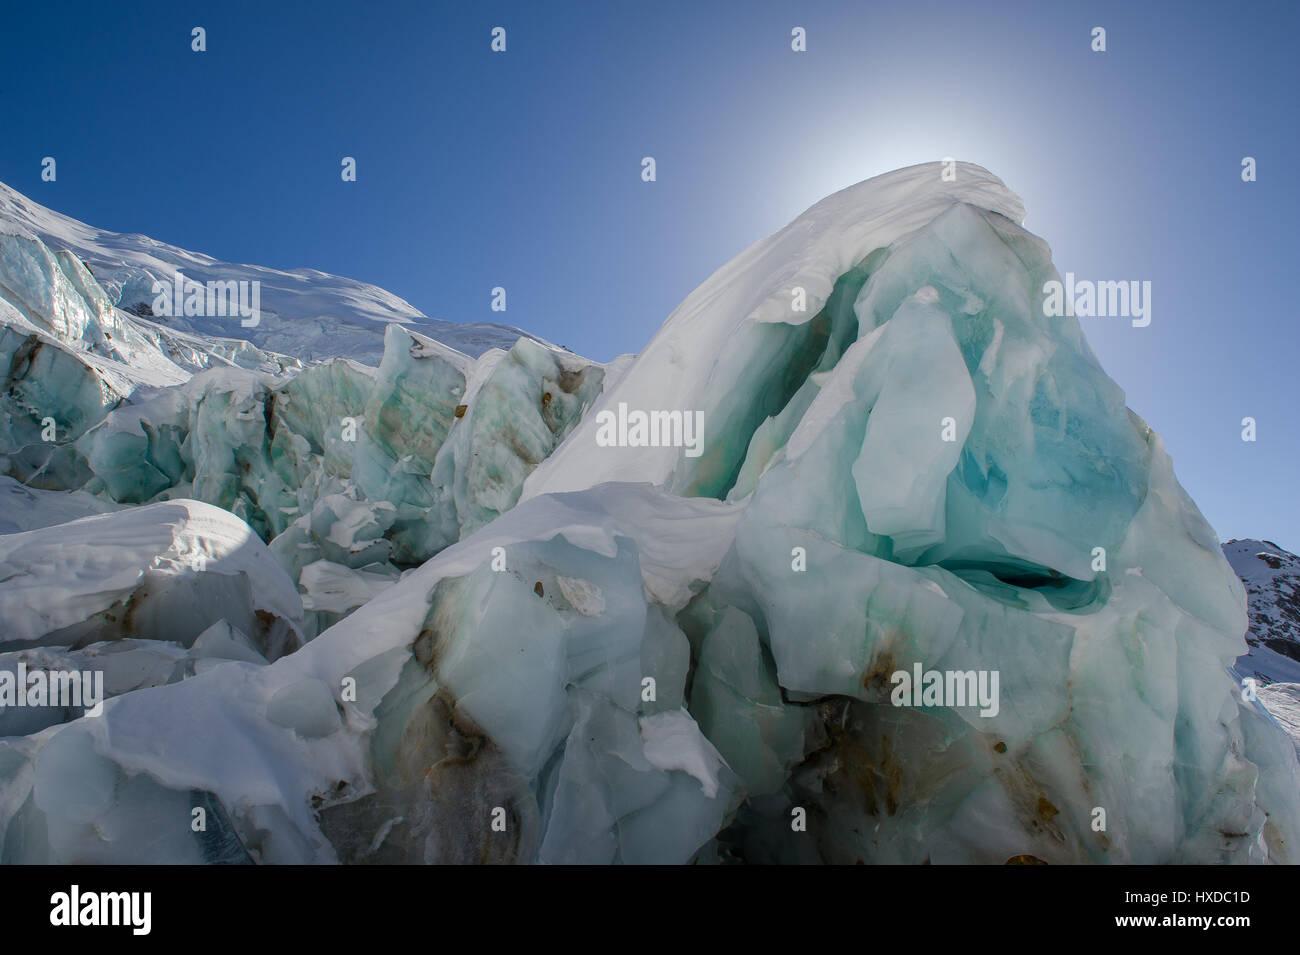 Bloque de hielo de un glaciar de los Alpes Foto de stock